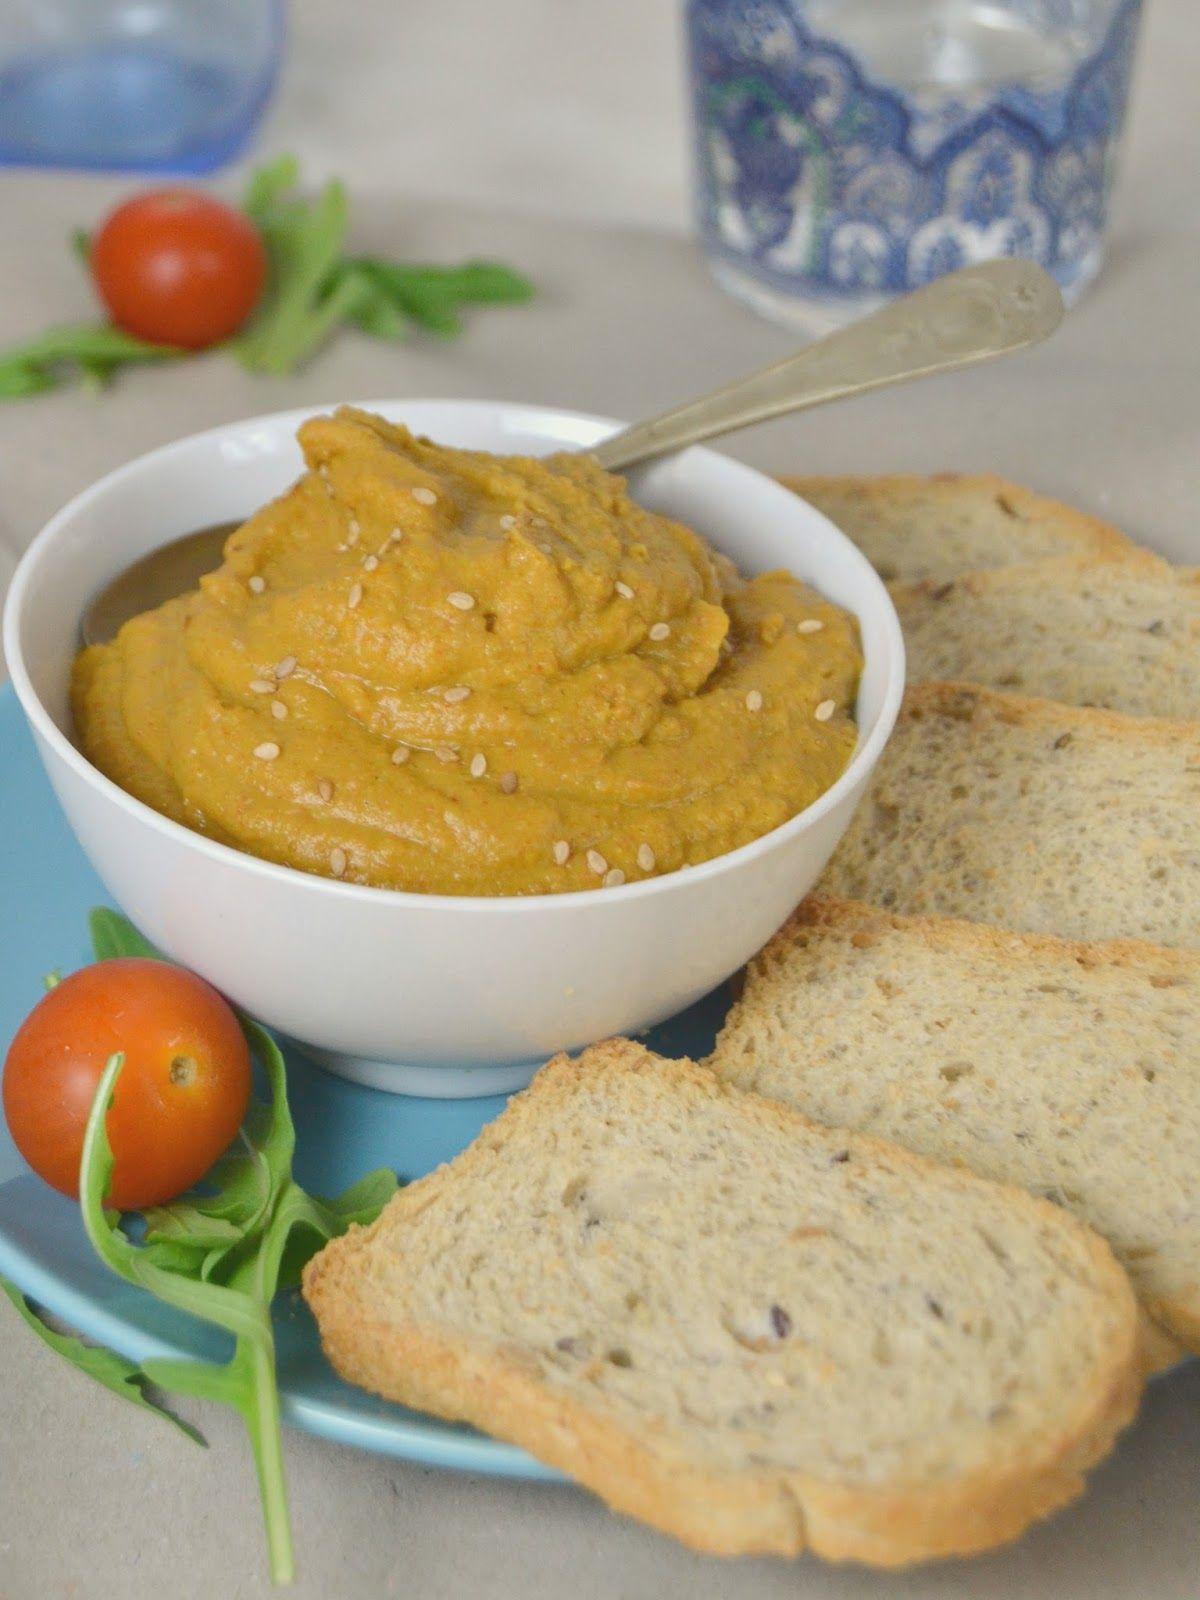 Paté De Lentejas Con Curry Sano Rápido Y Delicioso Recetas Veganas Recetas Vegetarianas Recetas Saludables